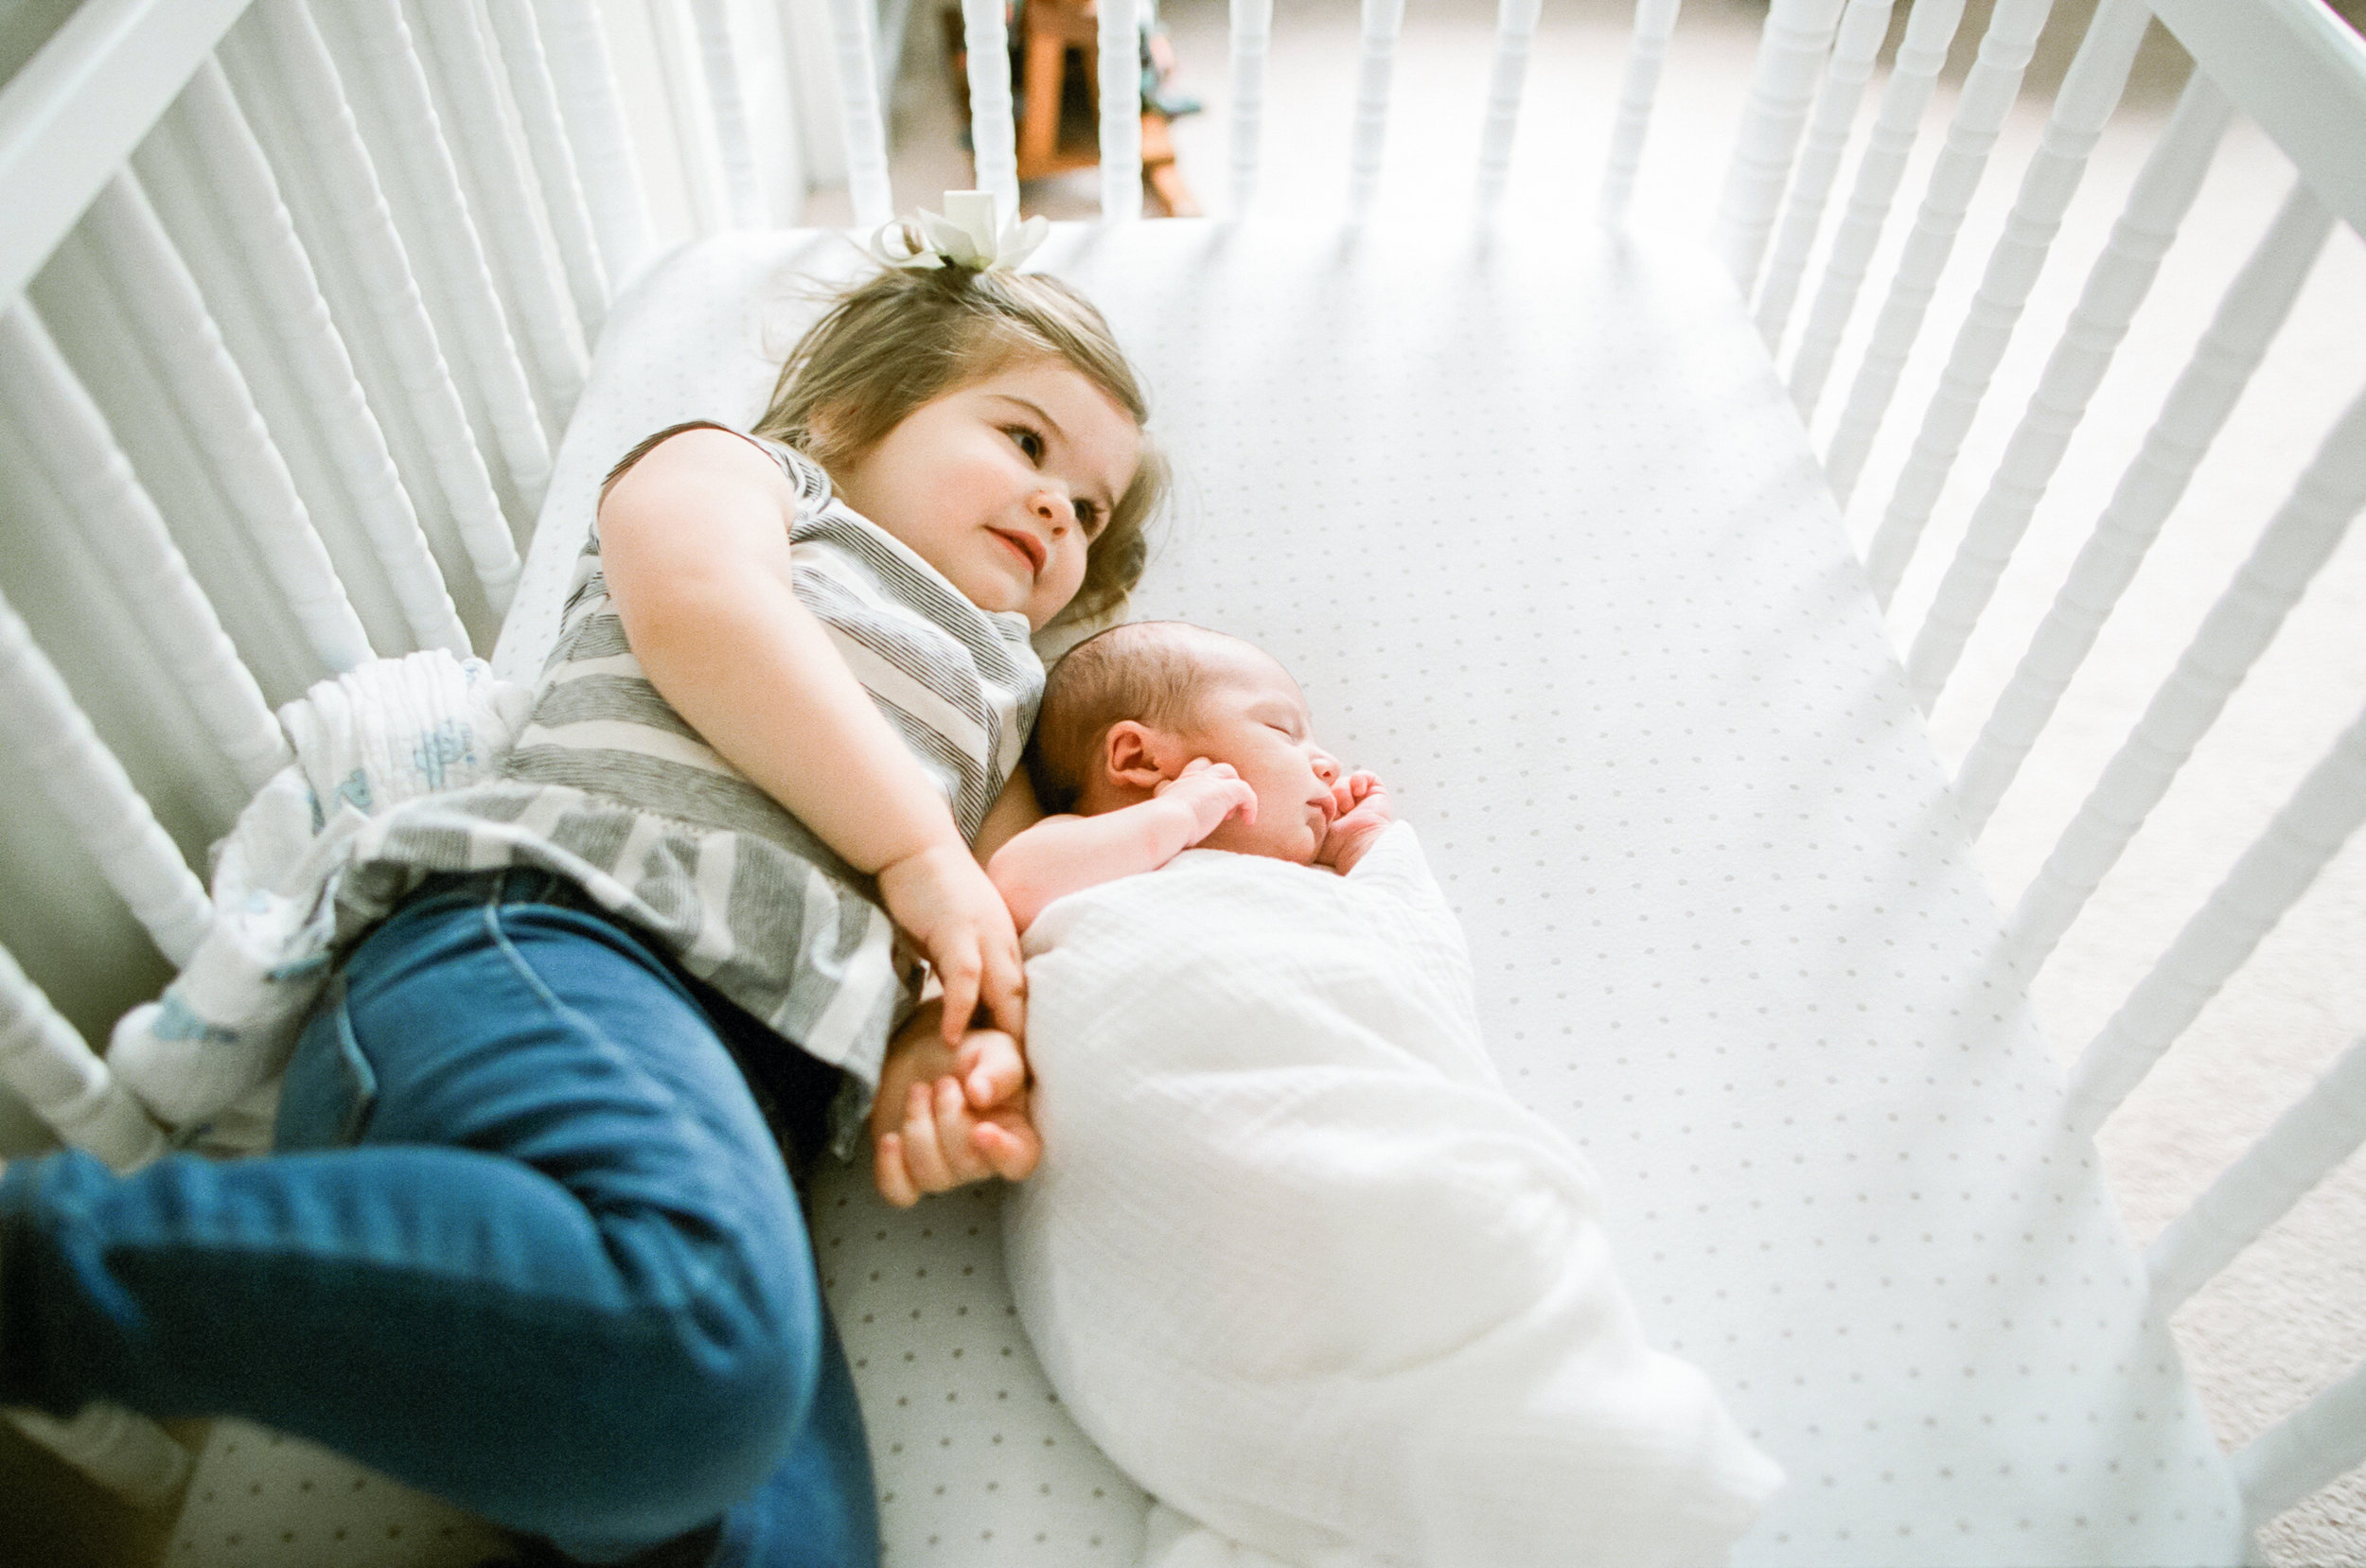 raleigh-lifestyle-newborn-film-photographerraleigh-lifestyle-newborn-film-photographer